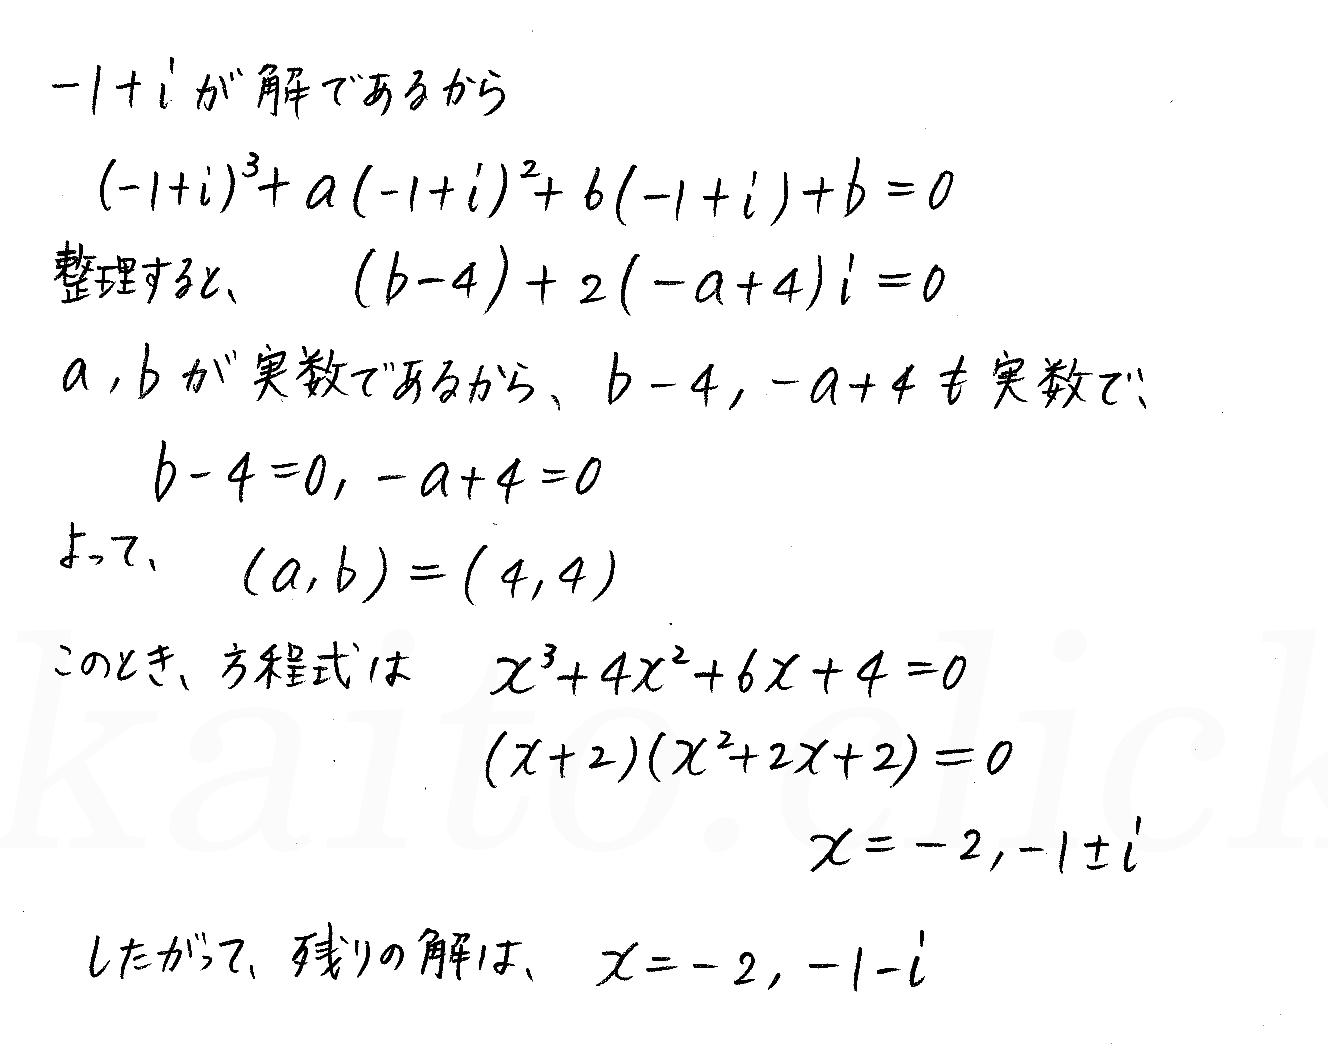 クリアー数学演習12AB受験編-37解答